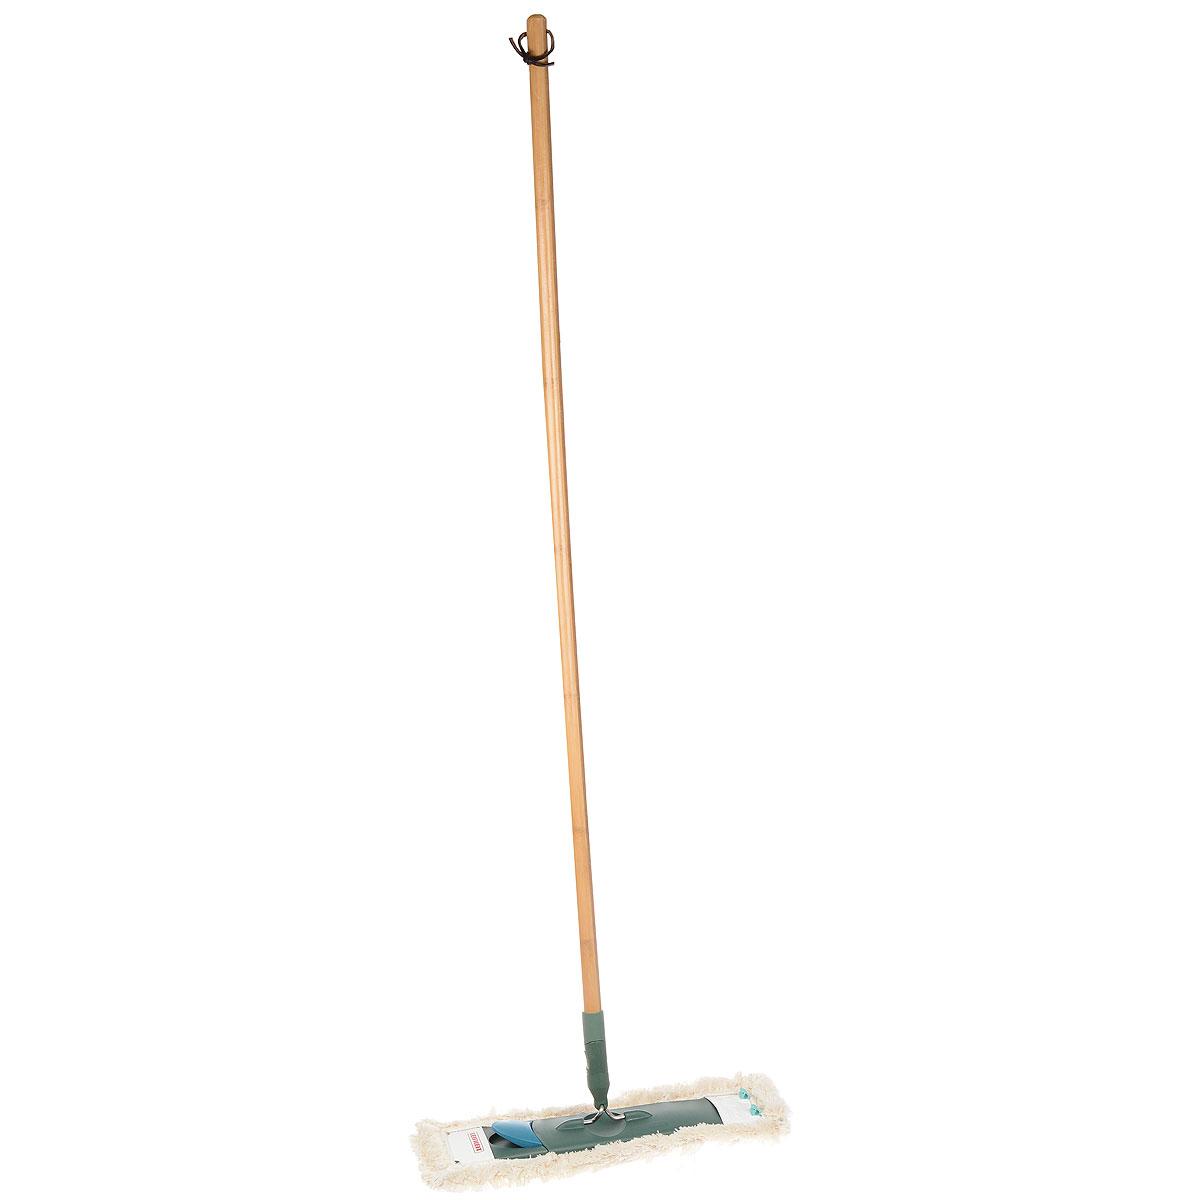 Claro EcoPerfect Швабра для полаES-412Швабра с бамбуковой ручкой (135 см). Удобна и проста в эксплуатации. Не требует специального ведра для отжима. Имеет насадку с большим содержанием хлопка и высокой степенью впитывания воды и грязи.Ширина рабочей поверхности 42 см.Подходит сменная насадка Eco Perfect арт. 55272 и Profi.